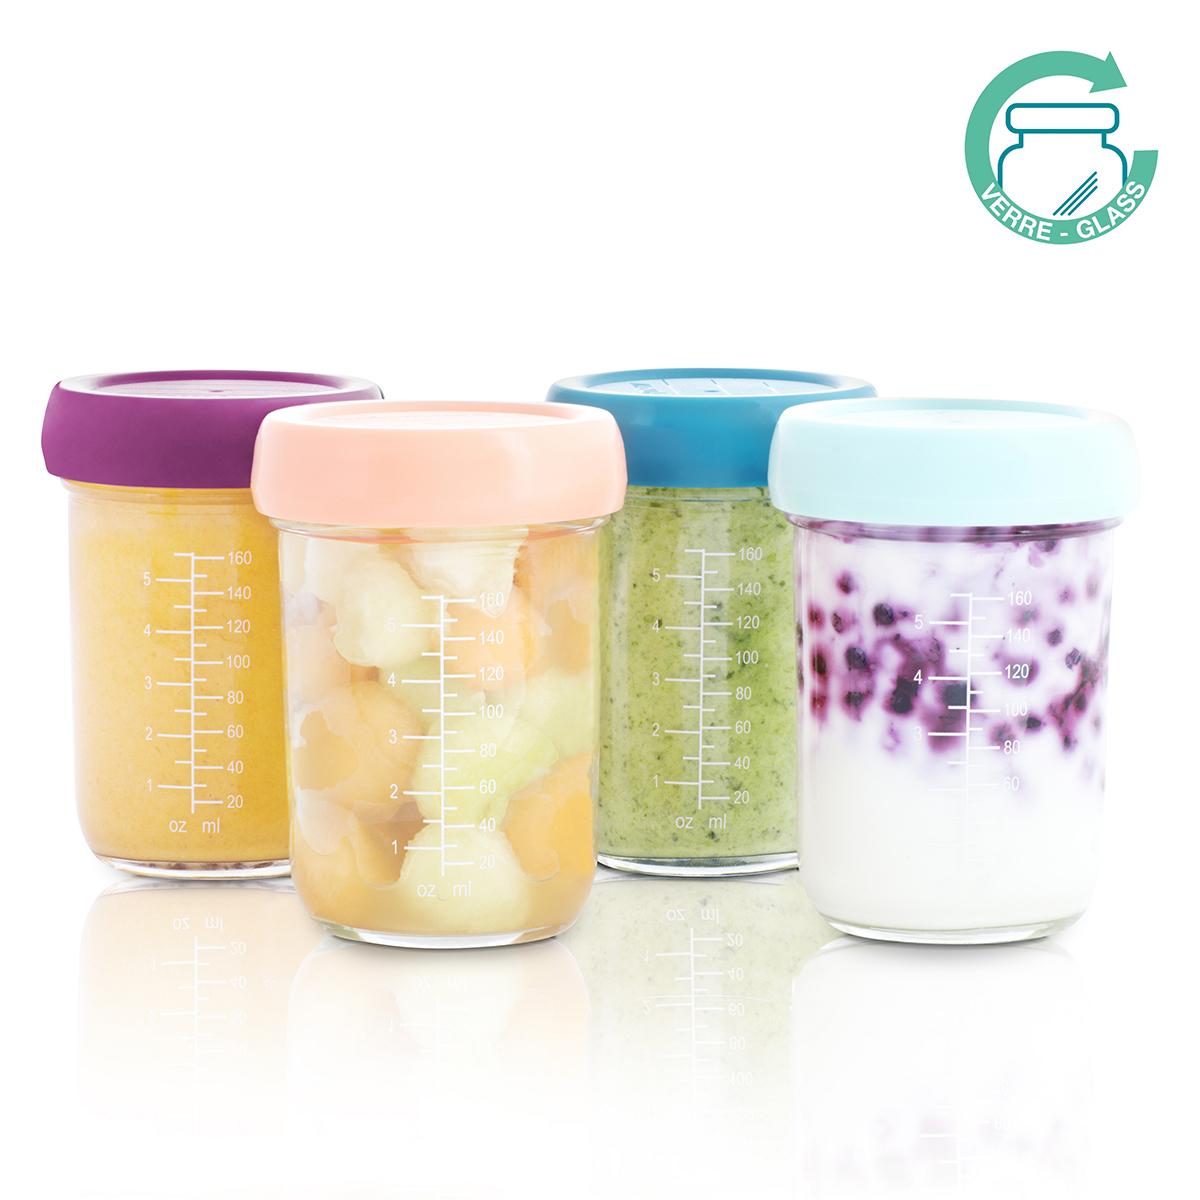 Vaisselle & Couvert Lot de 4 Babybols en Verre 240 ml - Multicolore Lot de 4 Babybols en Verre 240 ml - Multicolore